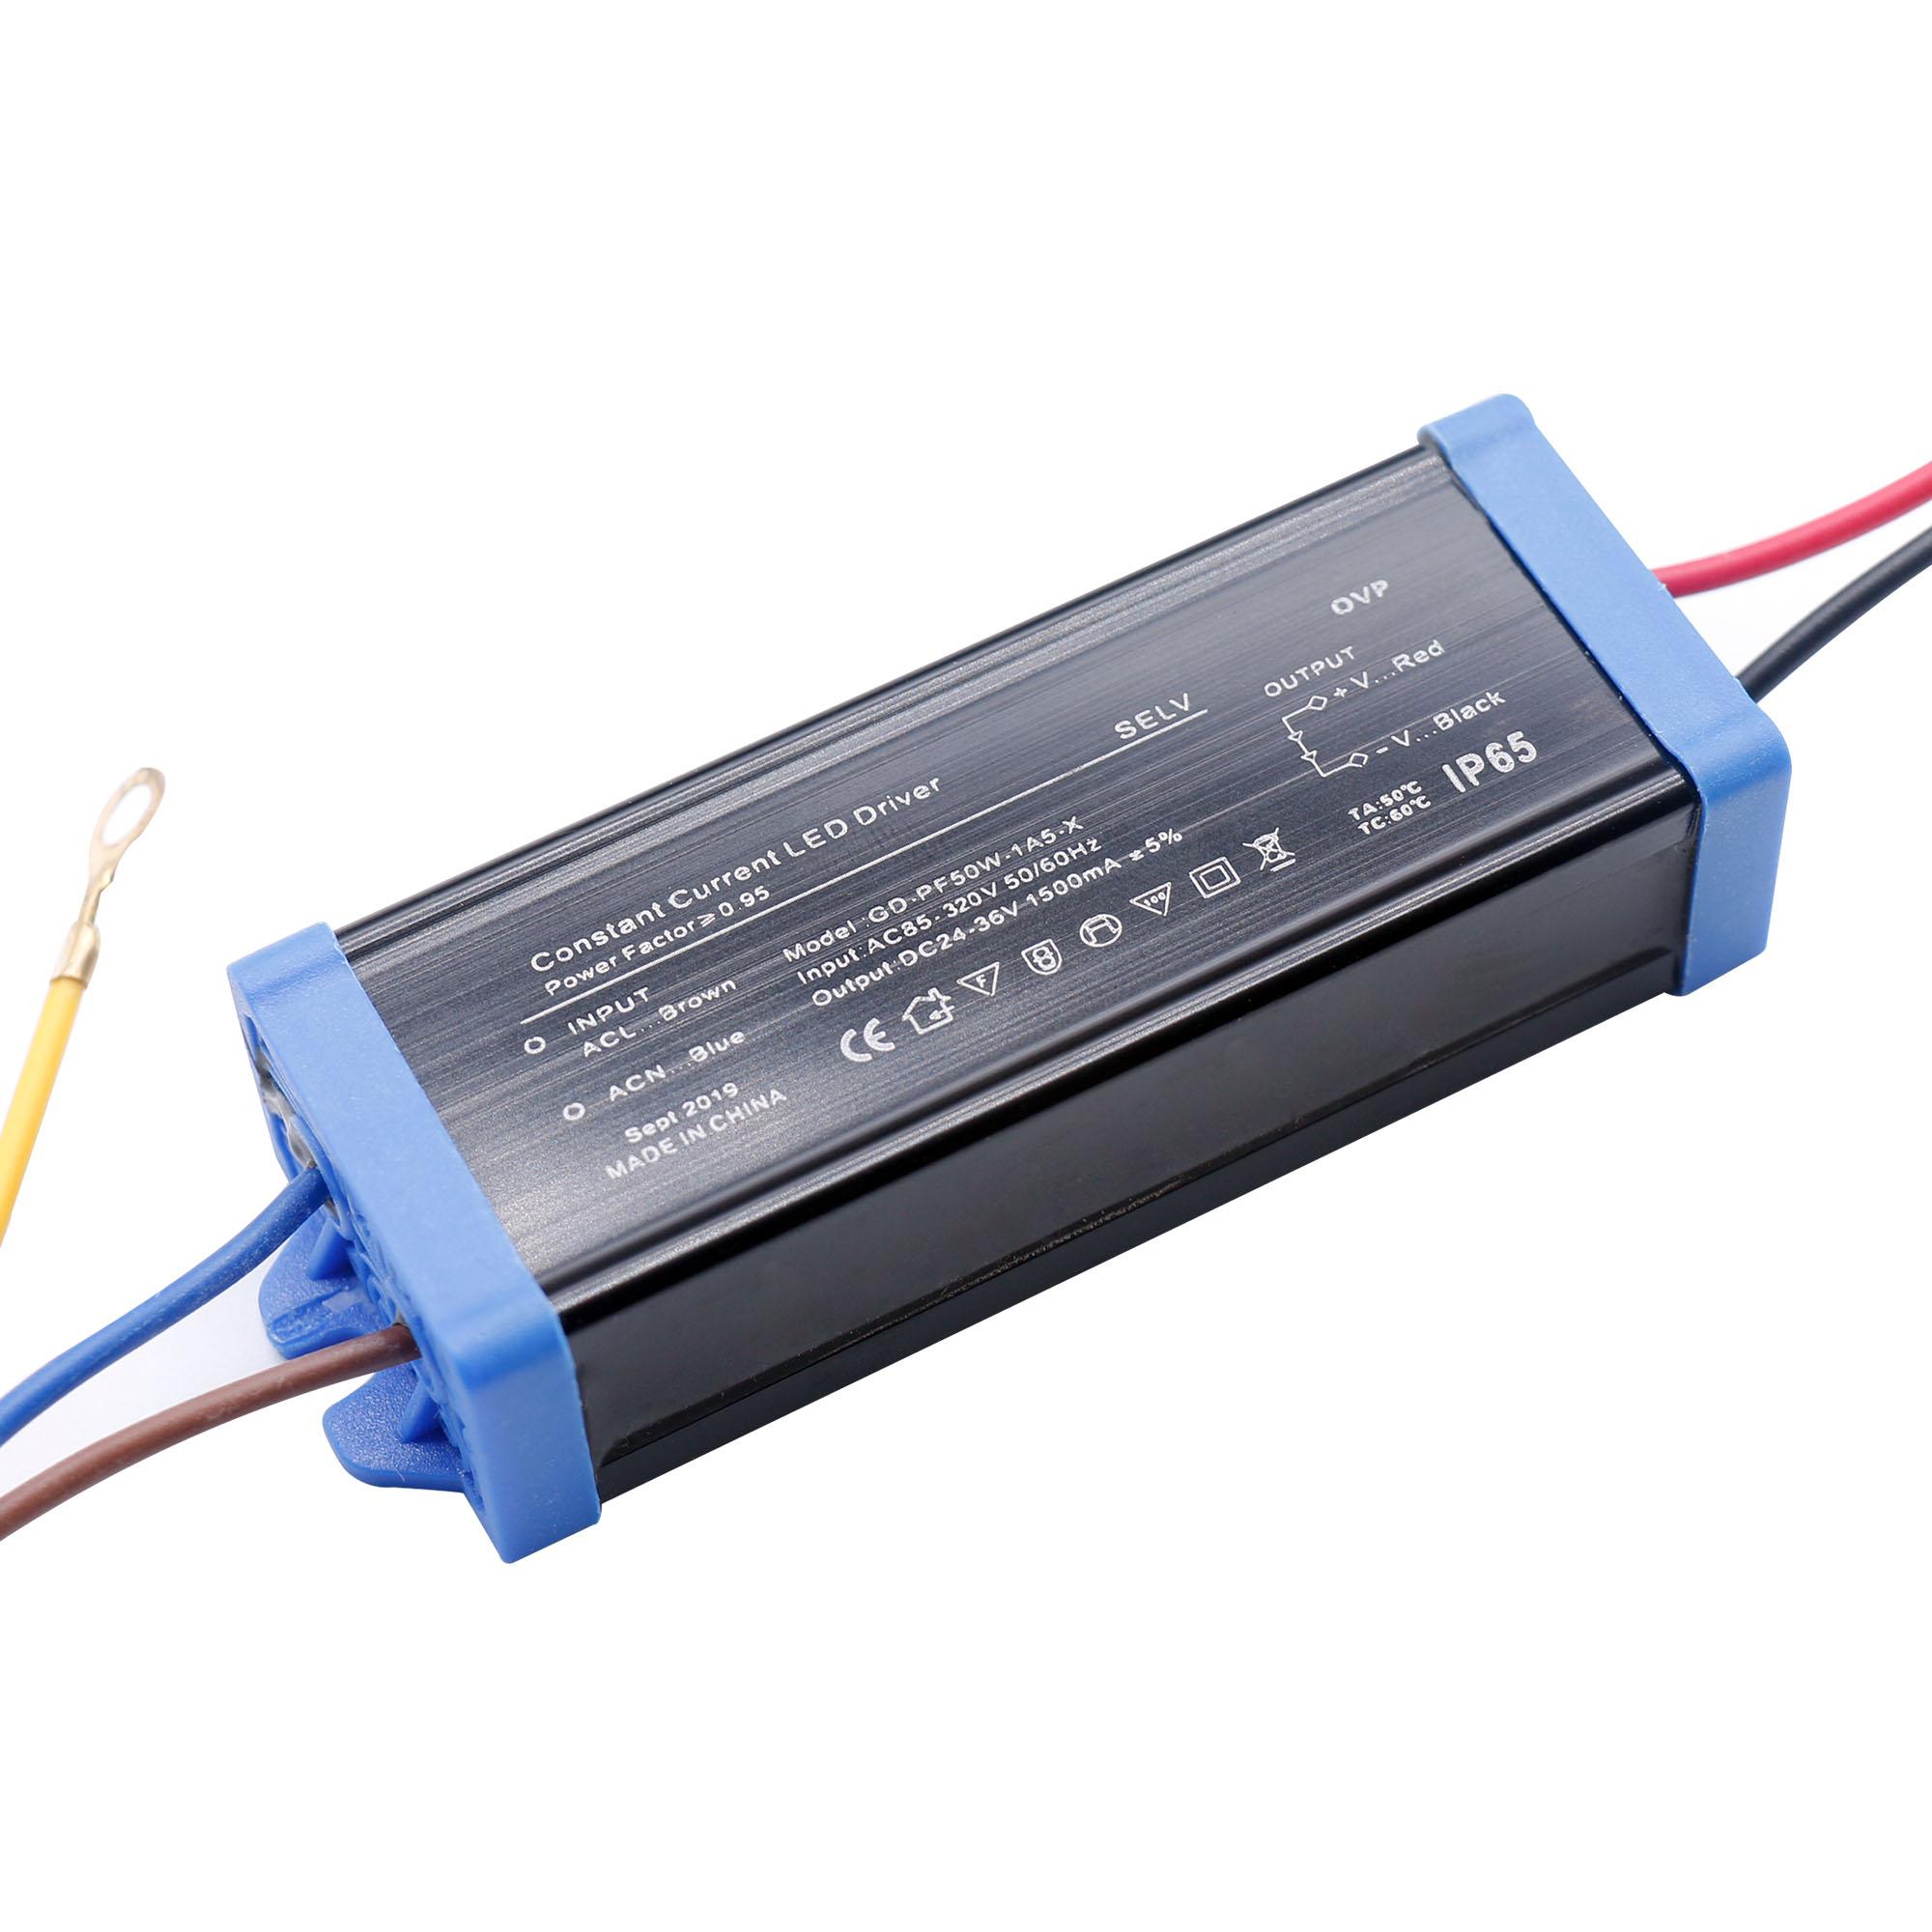 50 Вт 30 Вт, 20 Вт, хит продаж Водонепроницаемый IP65 светодиодный драйвер AC220V Питание постоянного тока постоянное напряжение DC24-36V светодиодный ...